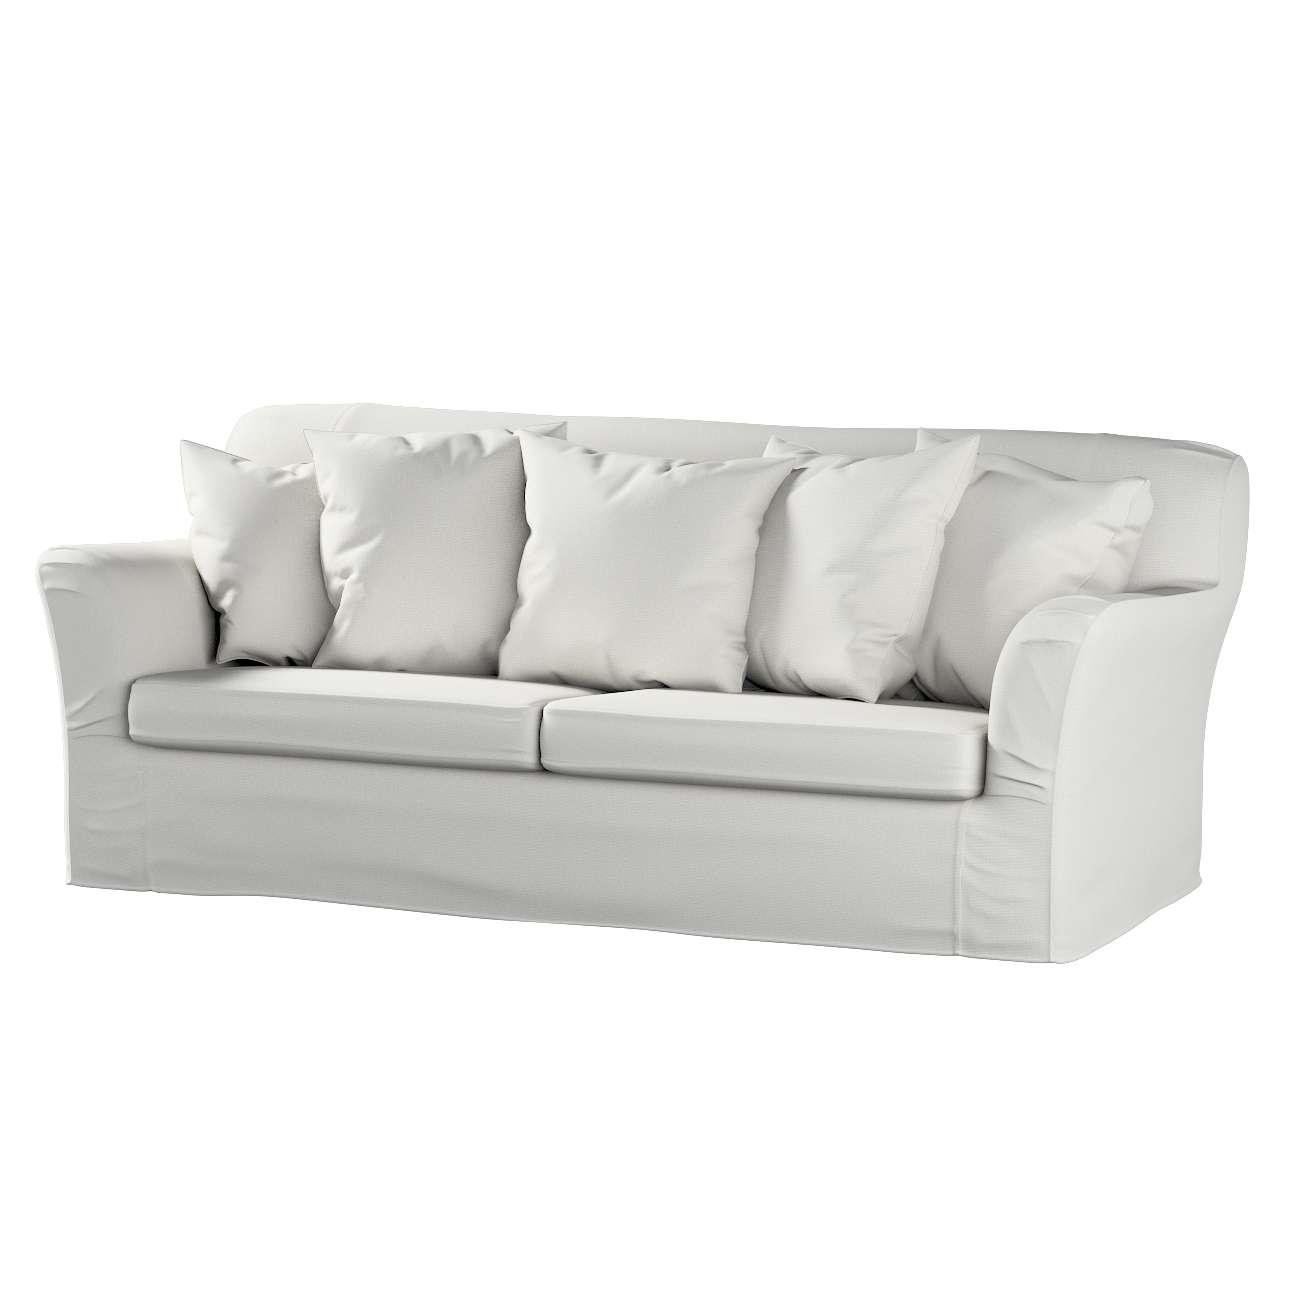 Pokrowiec na sofę Tomelilla rozkładaną Sofa Tomelilla rozkładana w kolekcji Etna , tkanina: 705-90